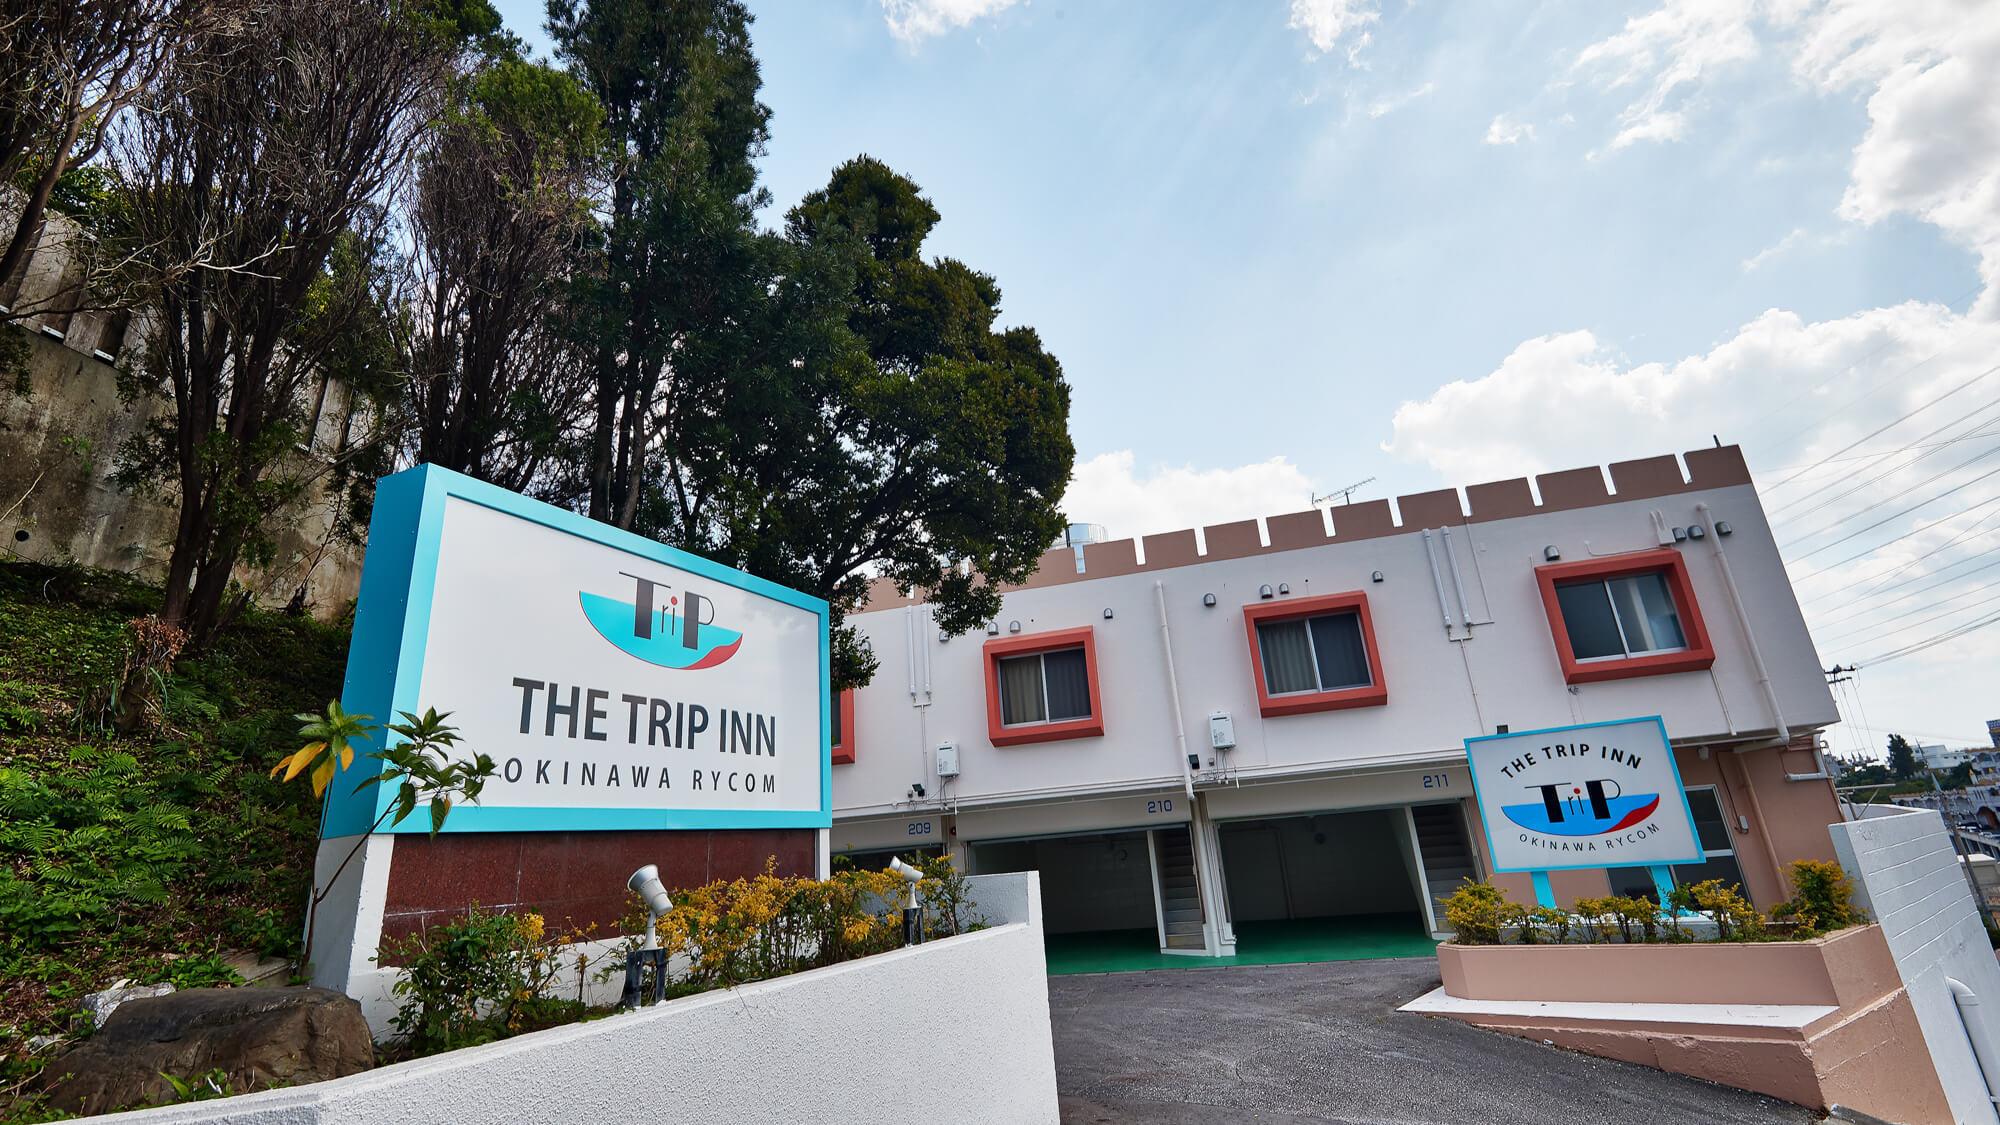 ザ・トリップイン 沖縄ライカム